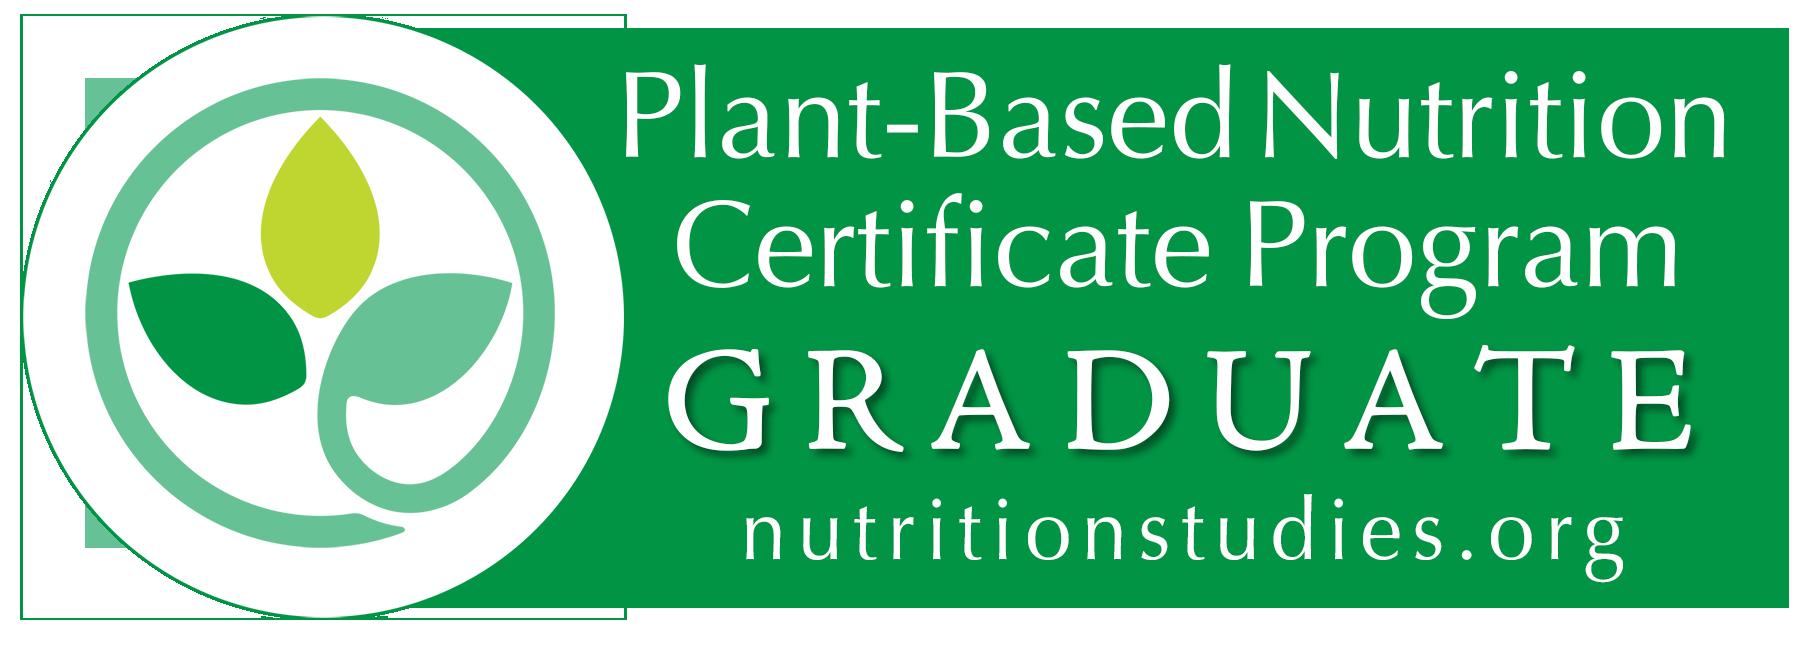 PBNutrition Badge for website.png